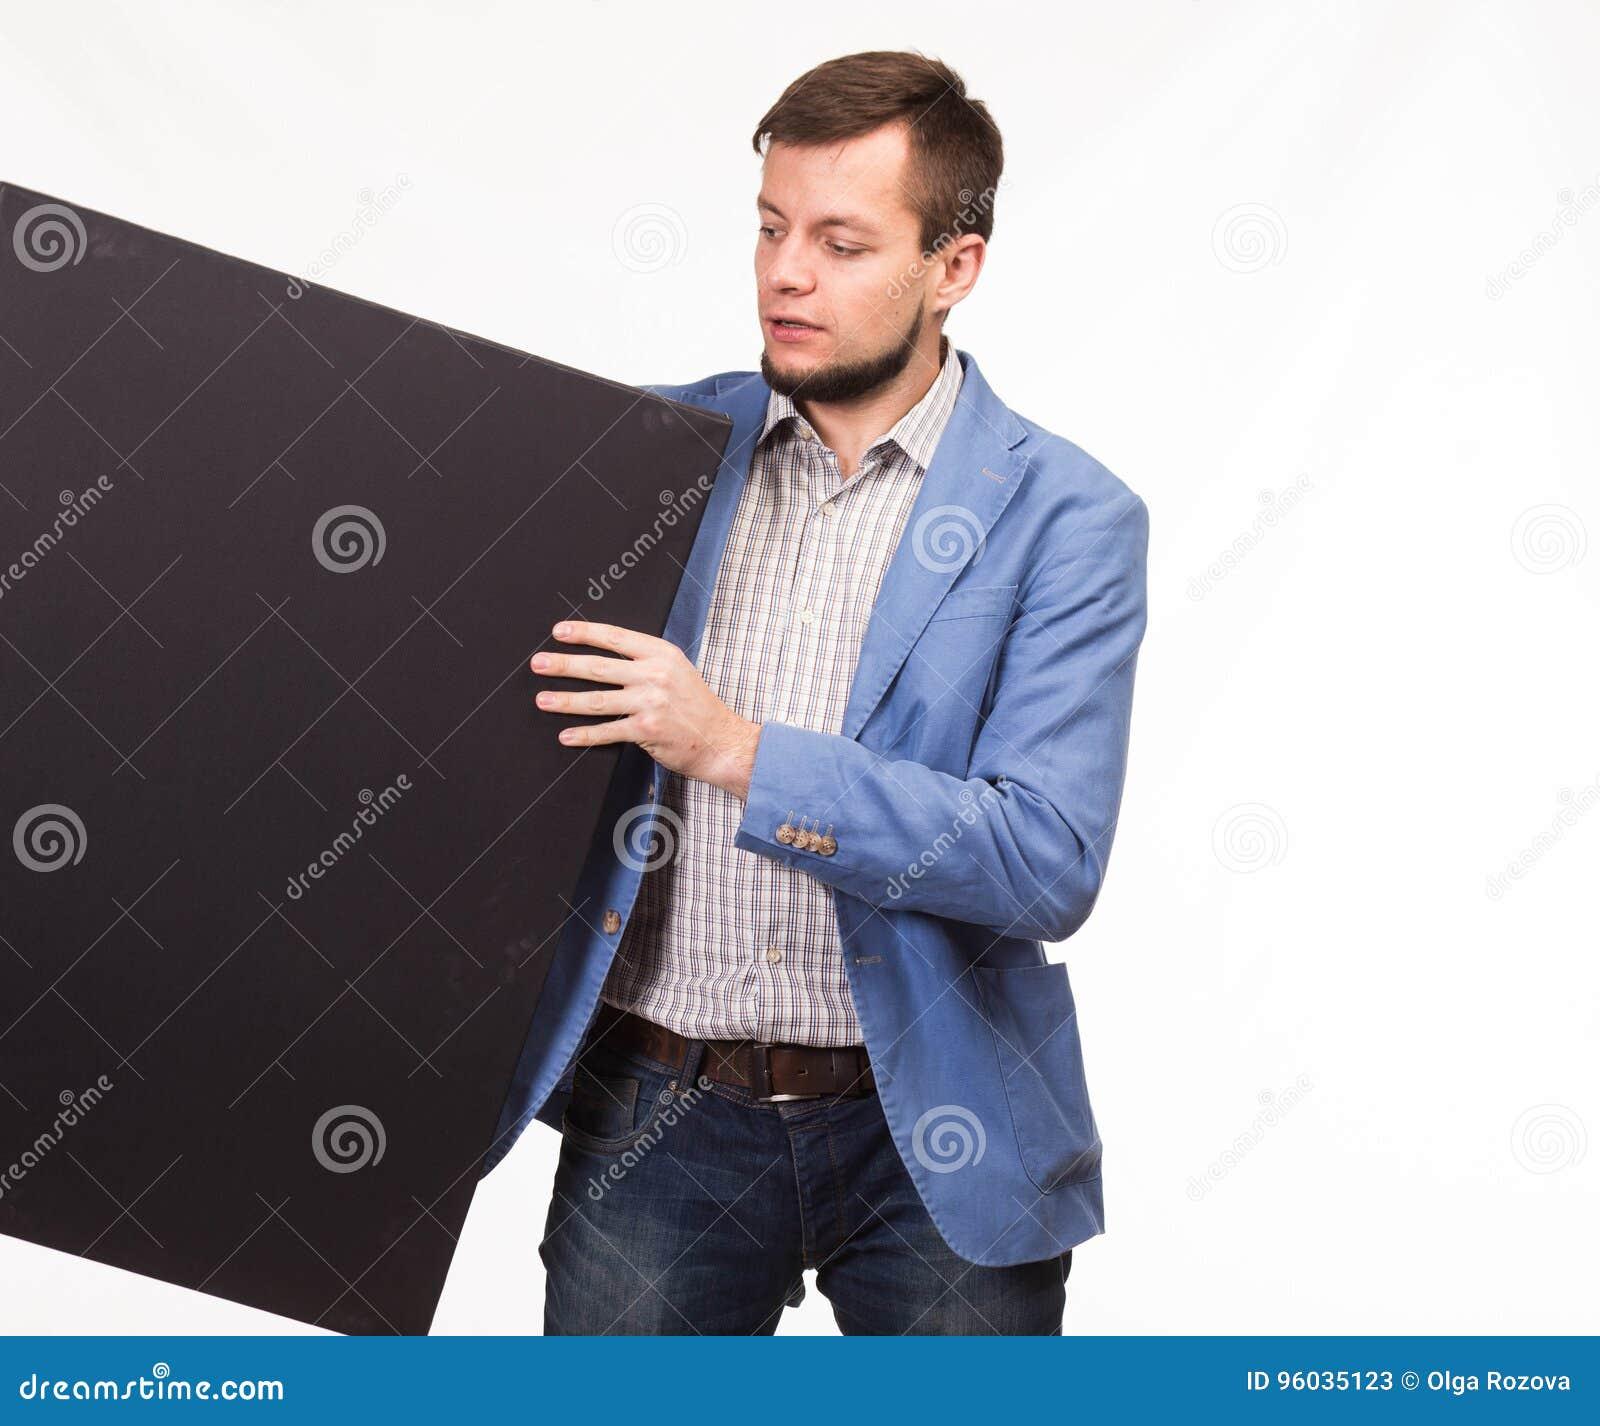 Młody poważny mężczyzna pokazuje prezentację, wskazuje na plakacie